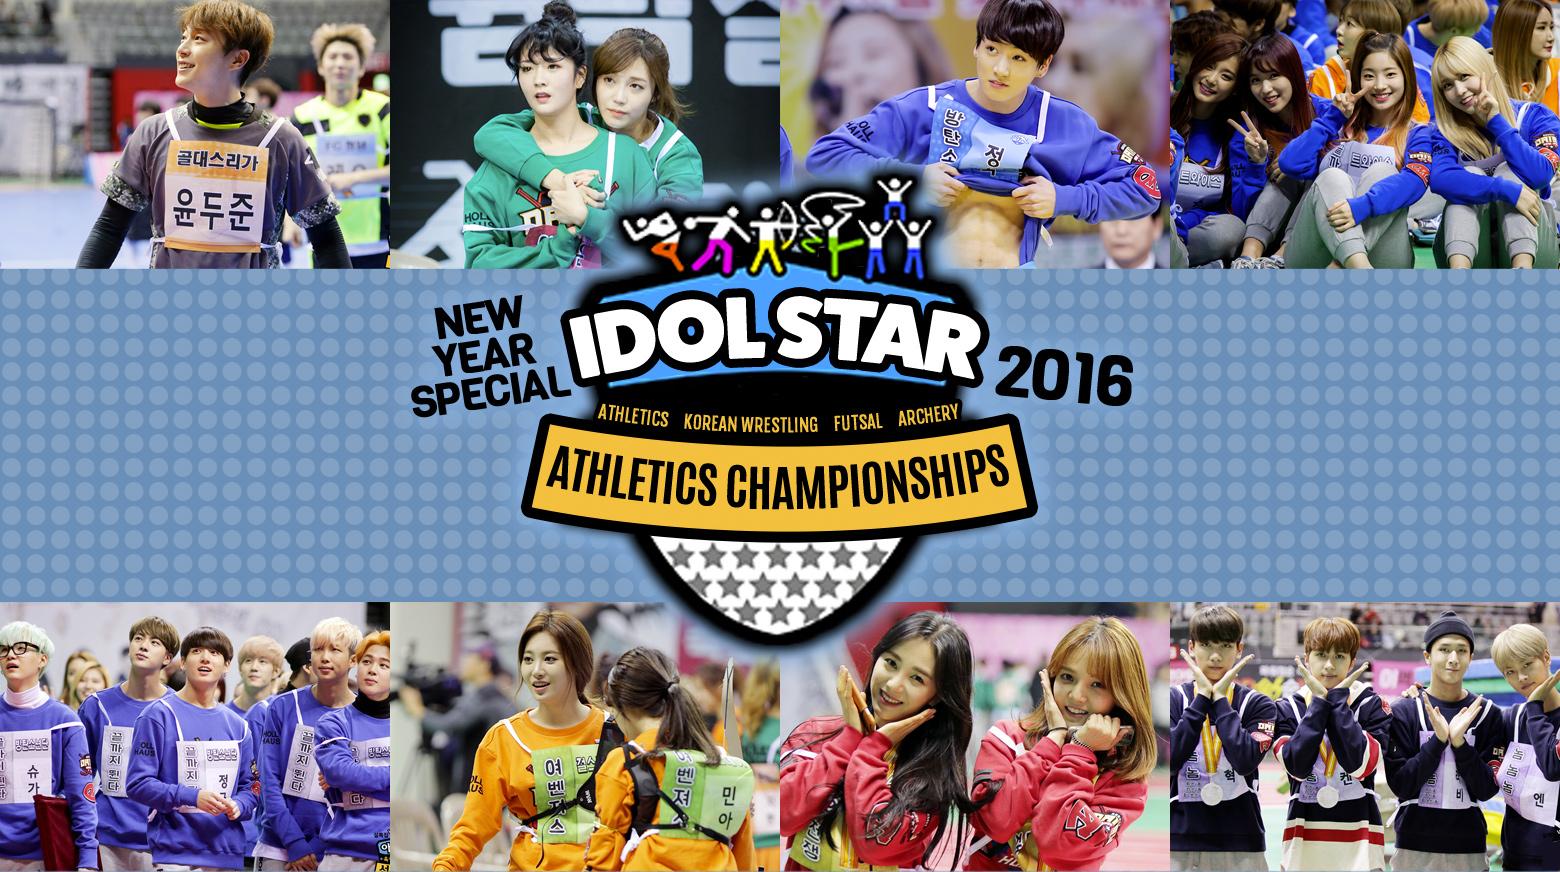 2016 年偶像明星运动会 - 新年特别节目